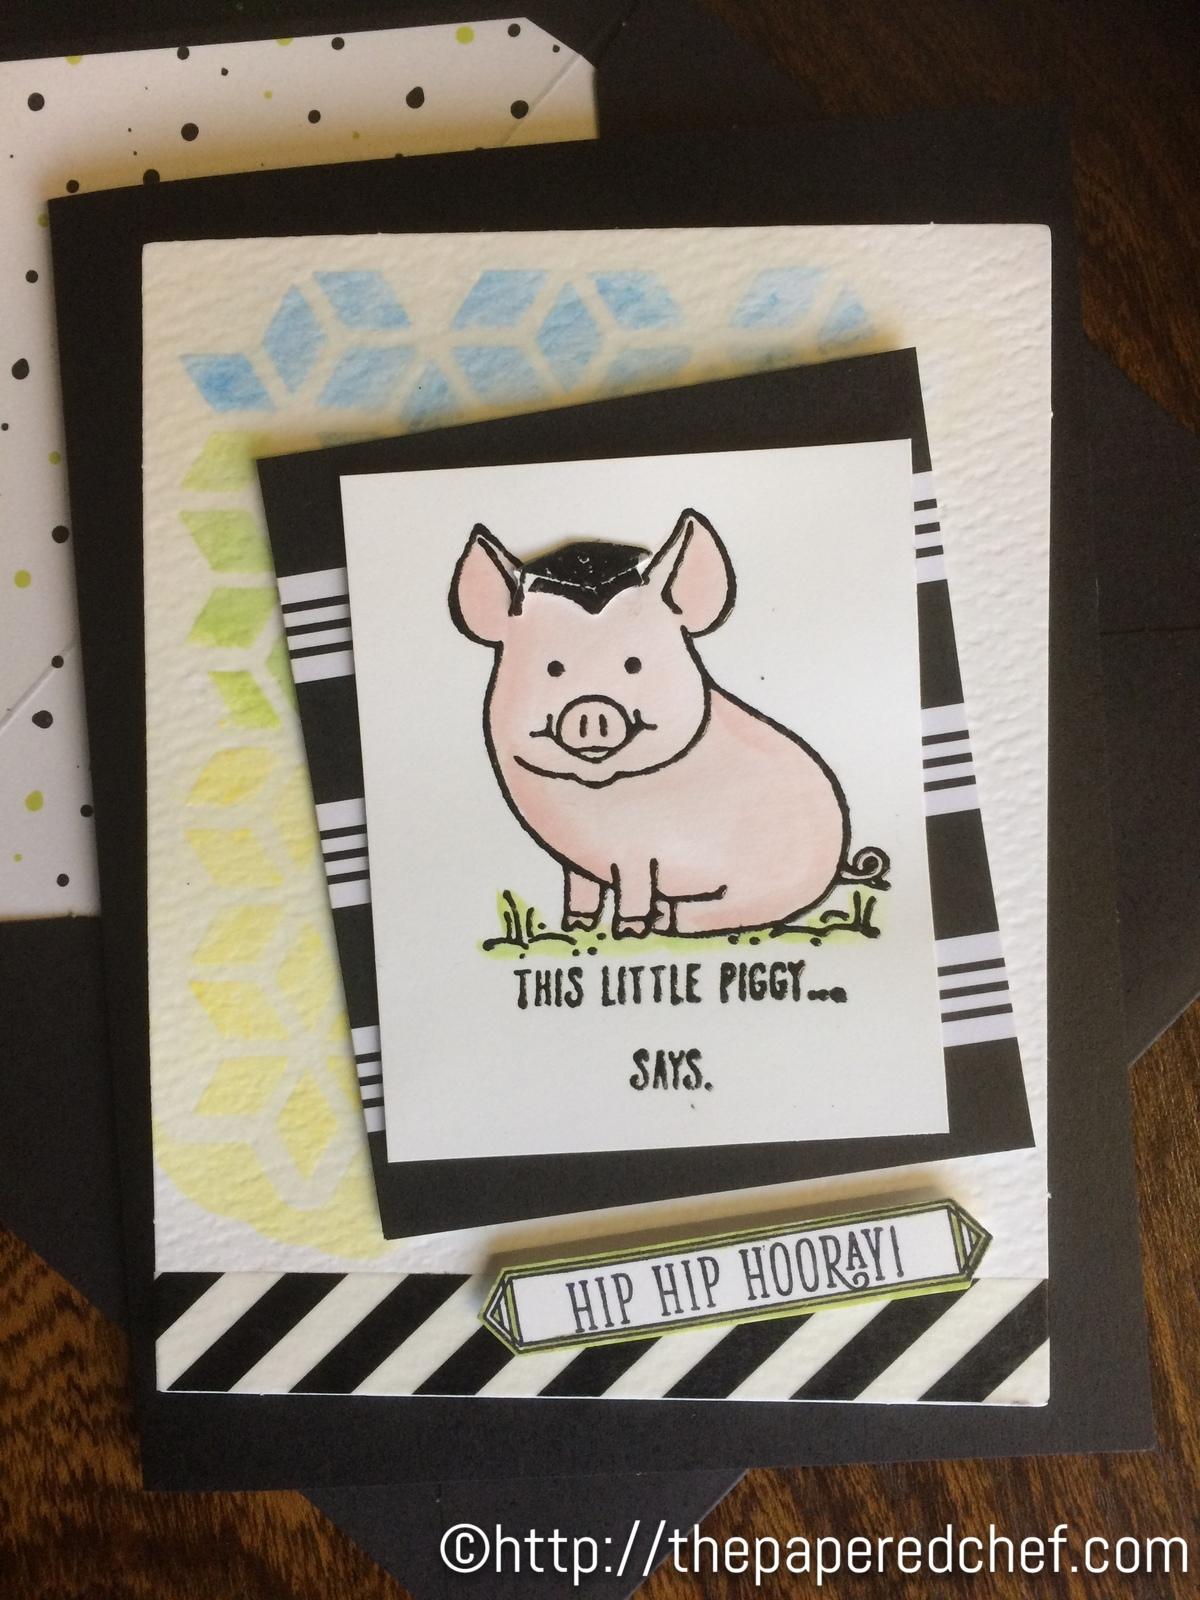 This Little Piggy - Graduation